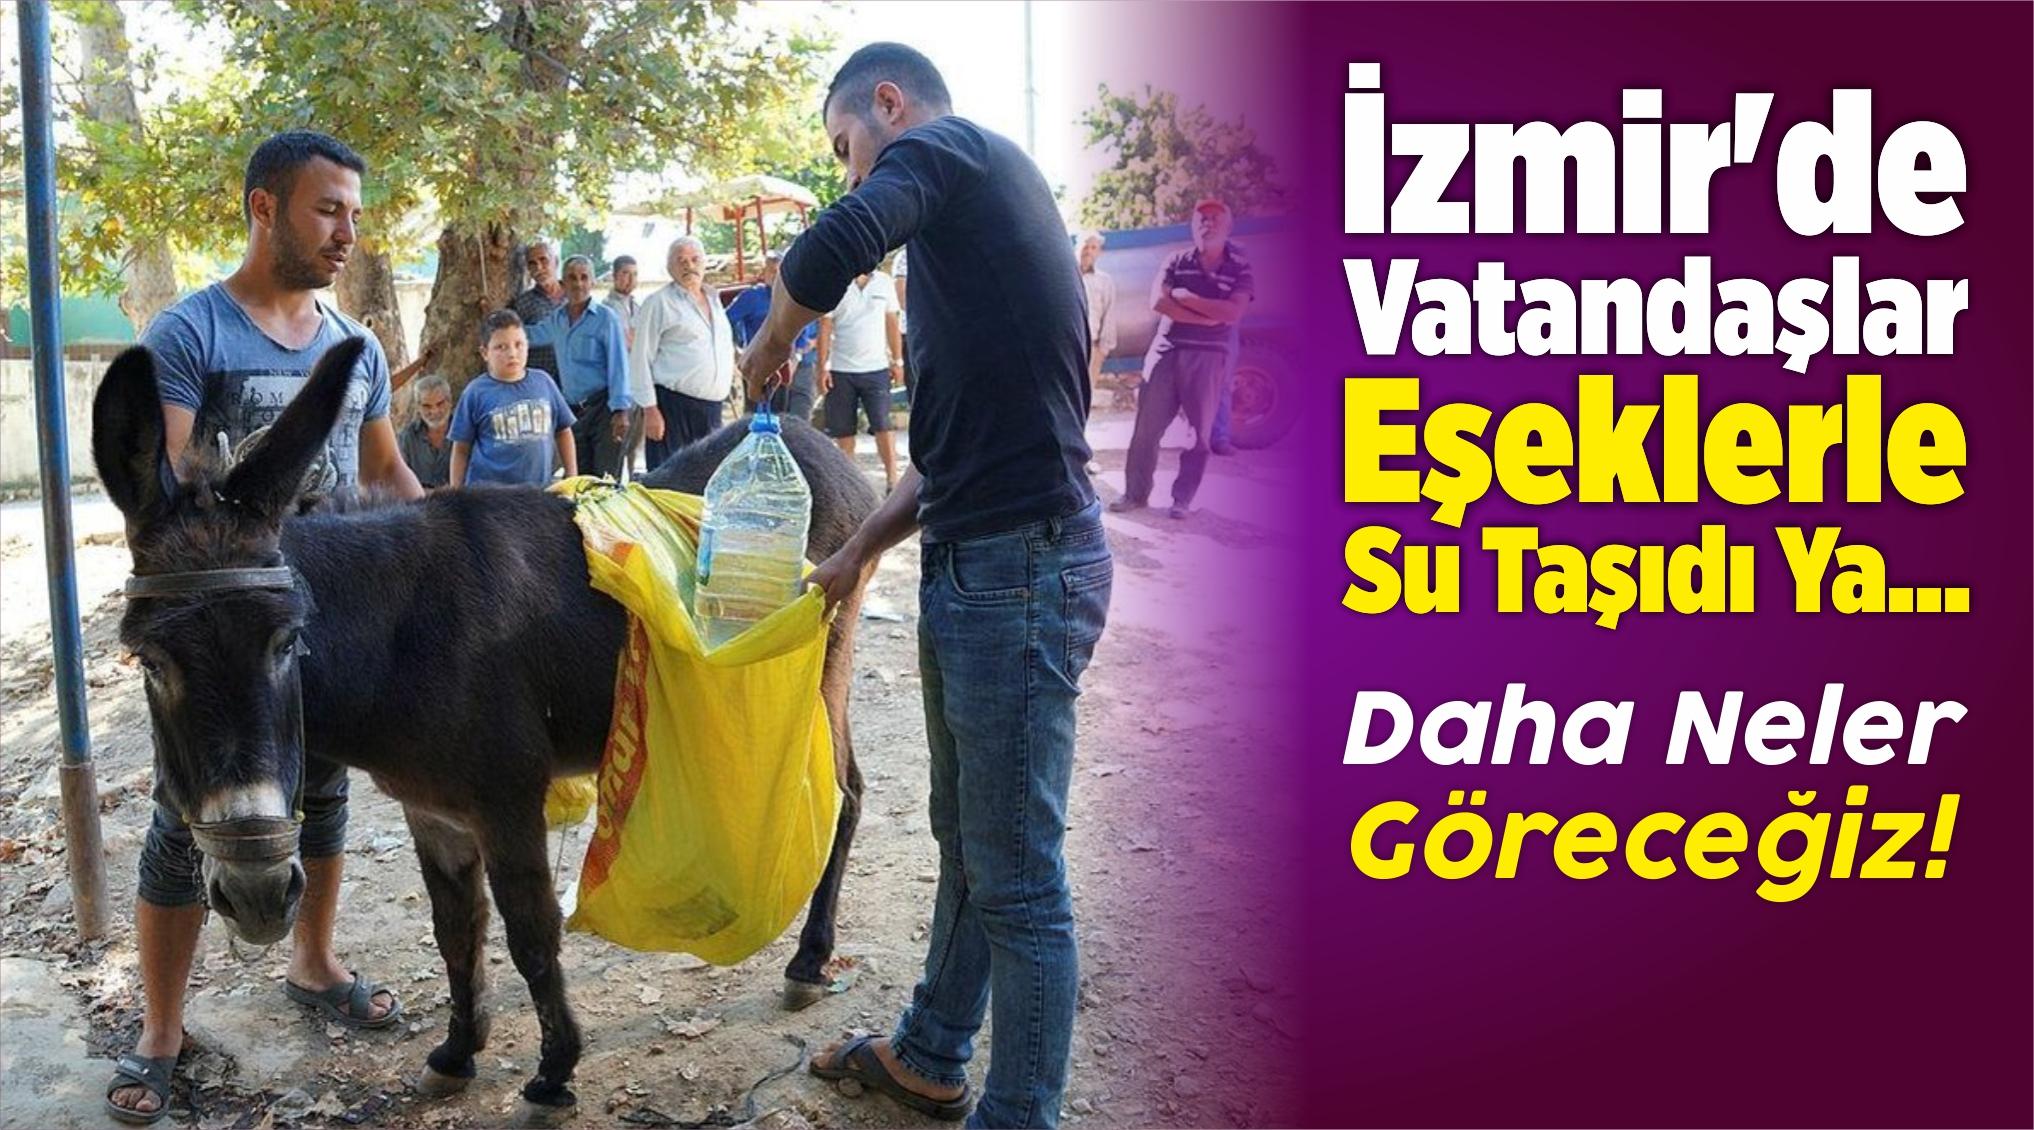 """İzmir'in """"Susuz Mahallesinde"""" Eşeklerle Su Taşınıyor"""